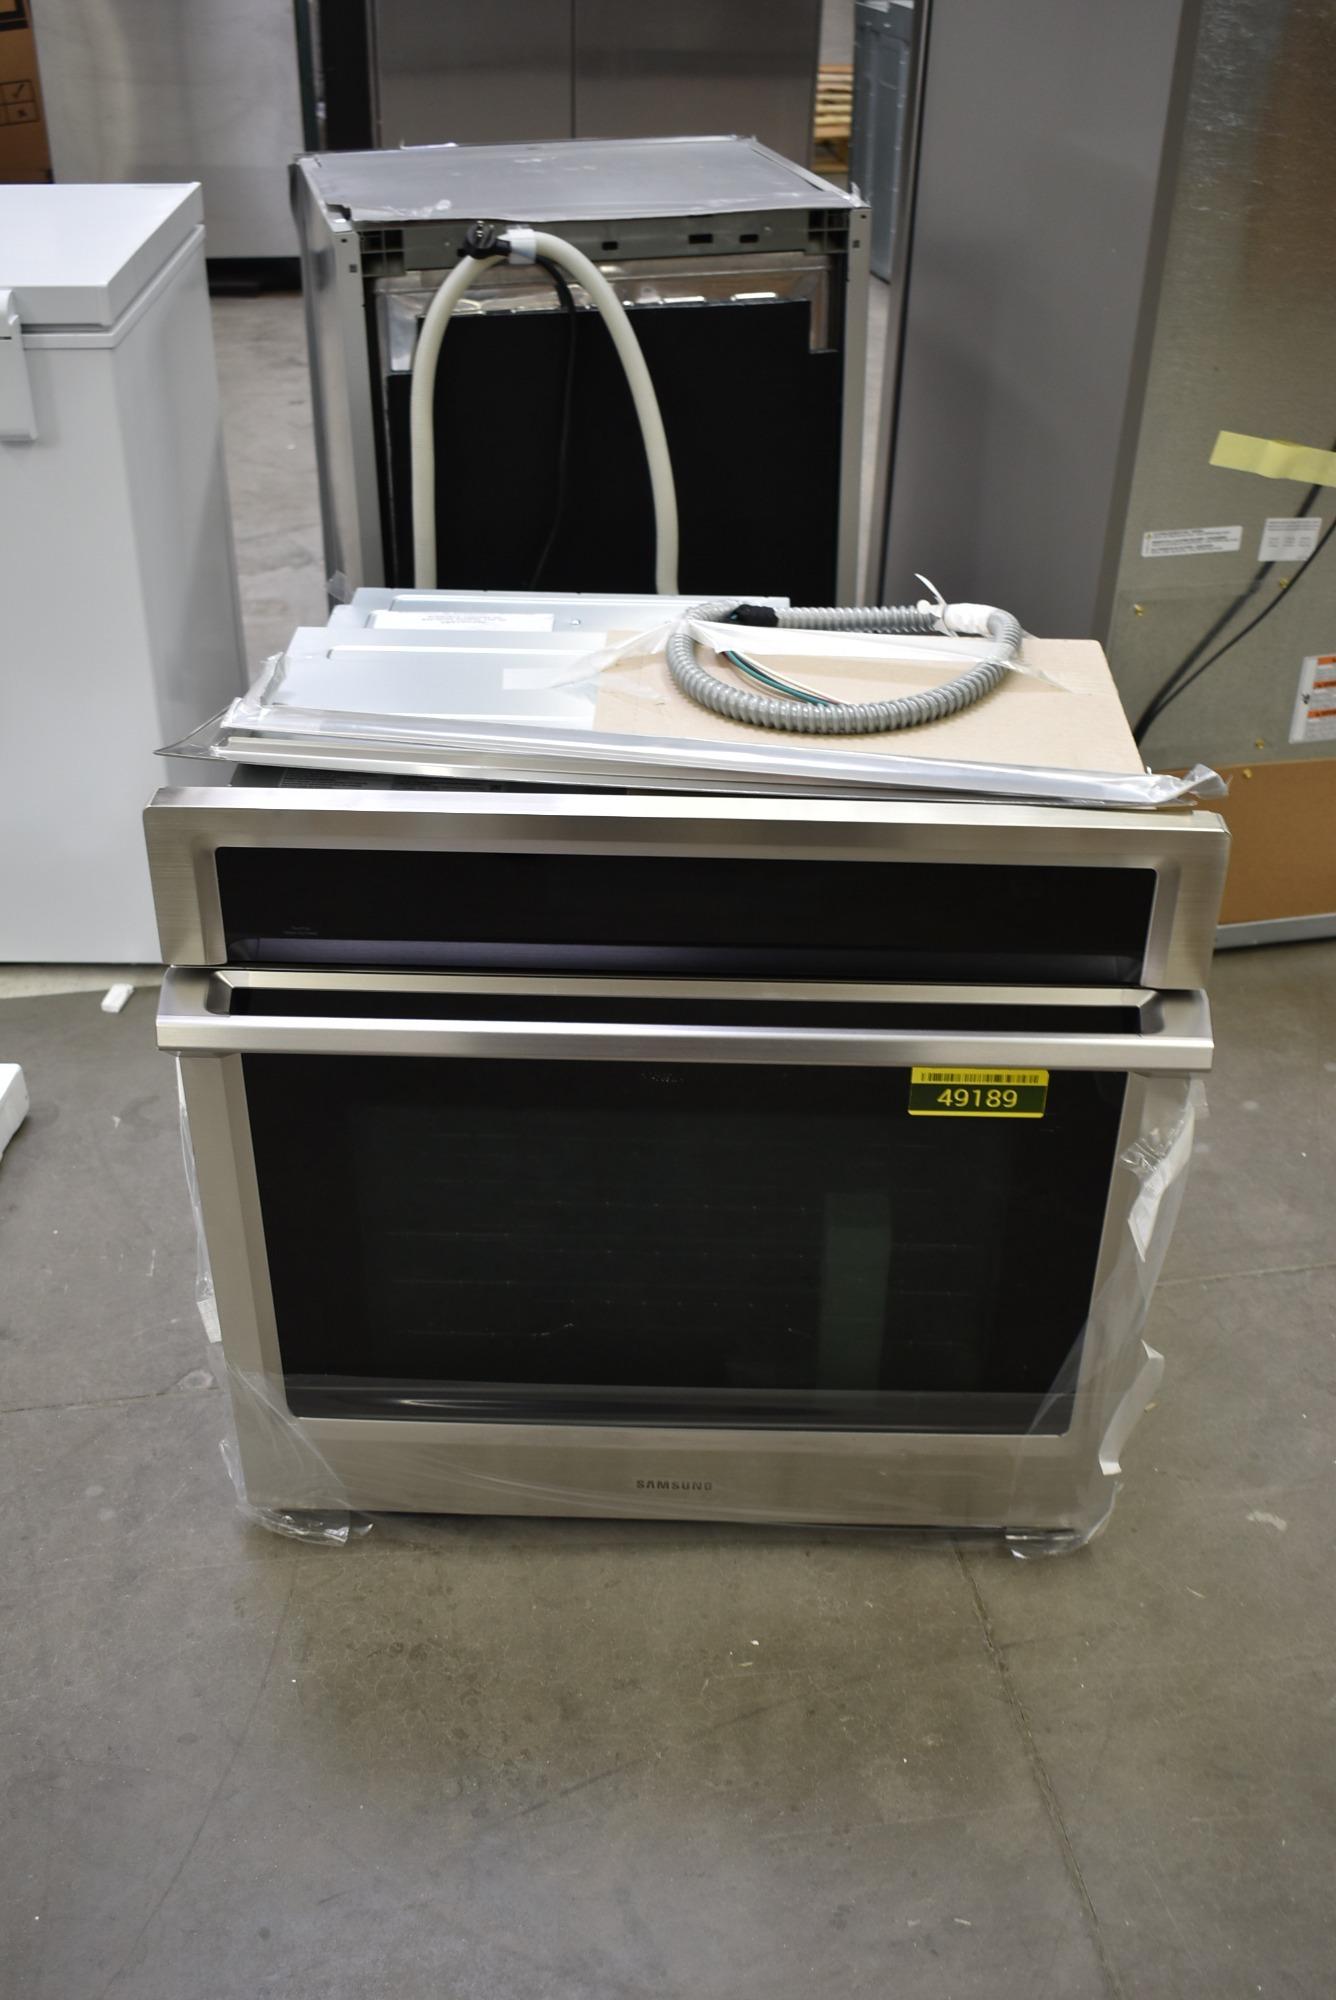 Samsung NV51K6650SS 30